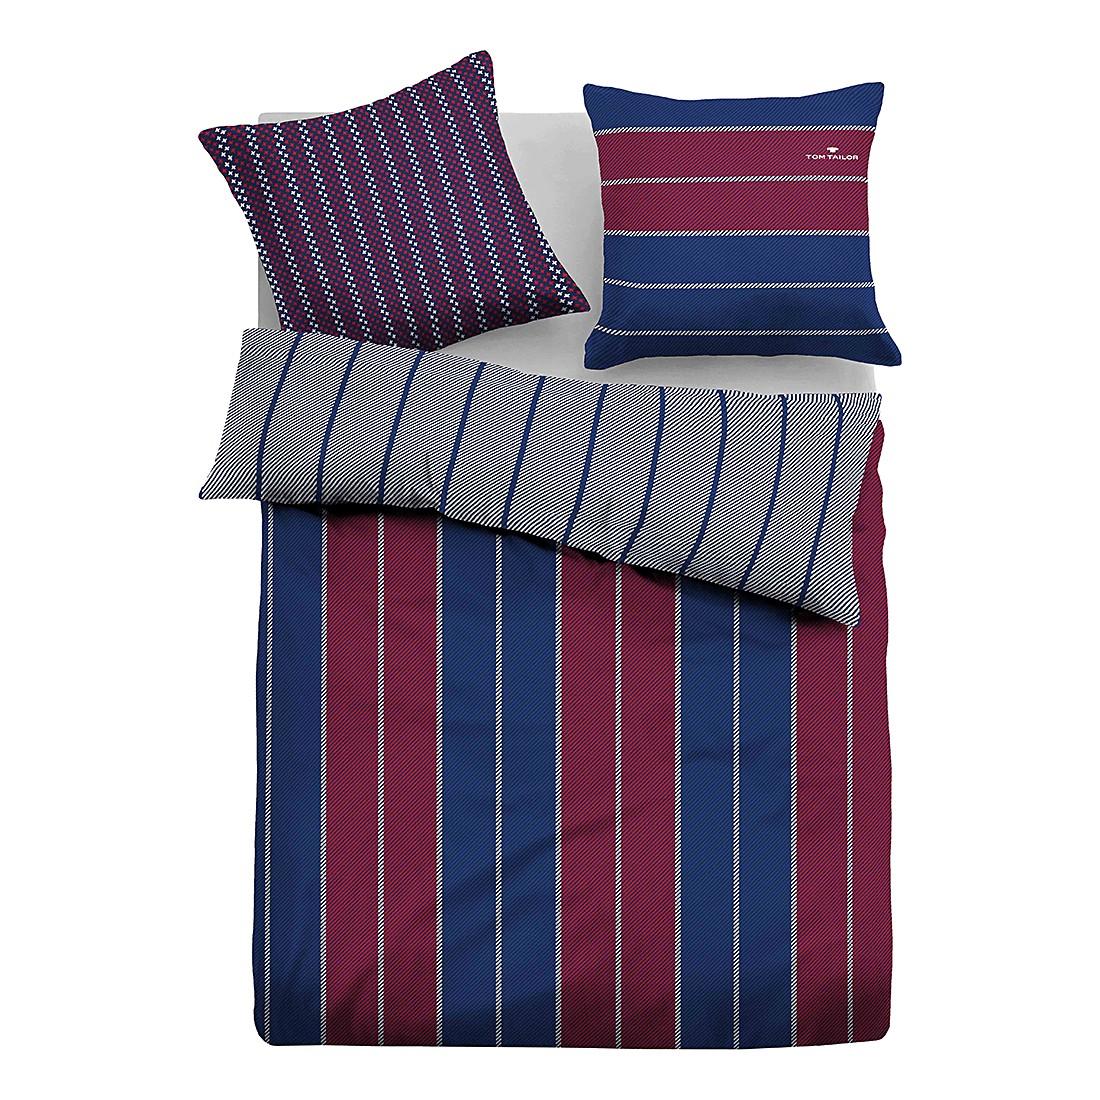 Satin Bettwäsche Stripes – Rot / Blau – 135 x 200 cm + Kissen 80 x 80 cm, Tom Tailor günstig bestellen